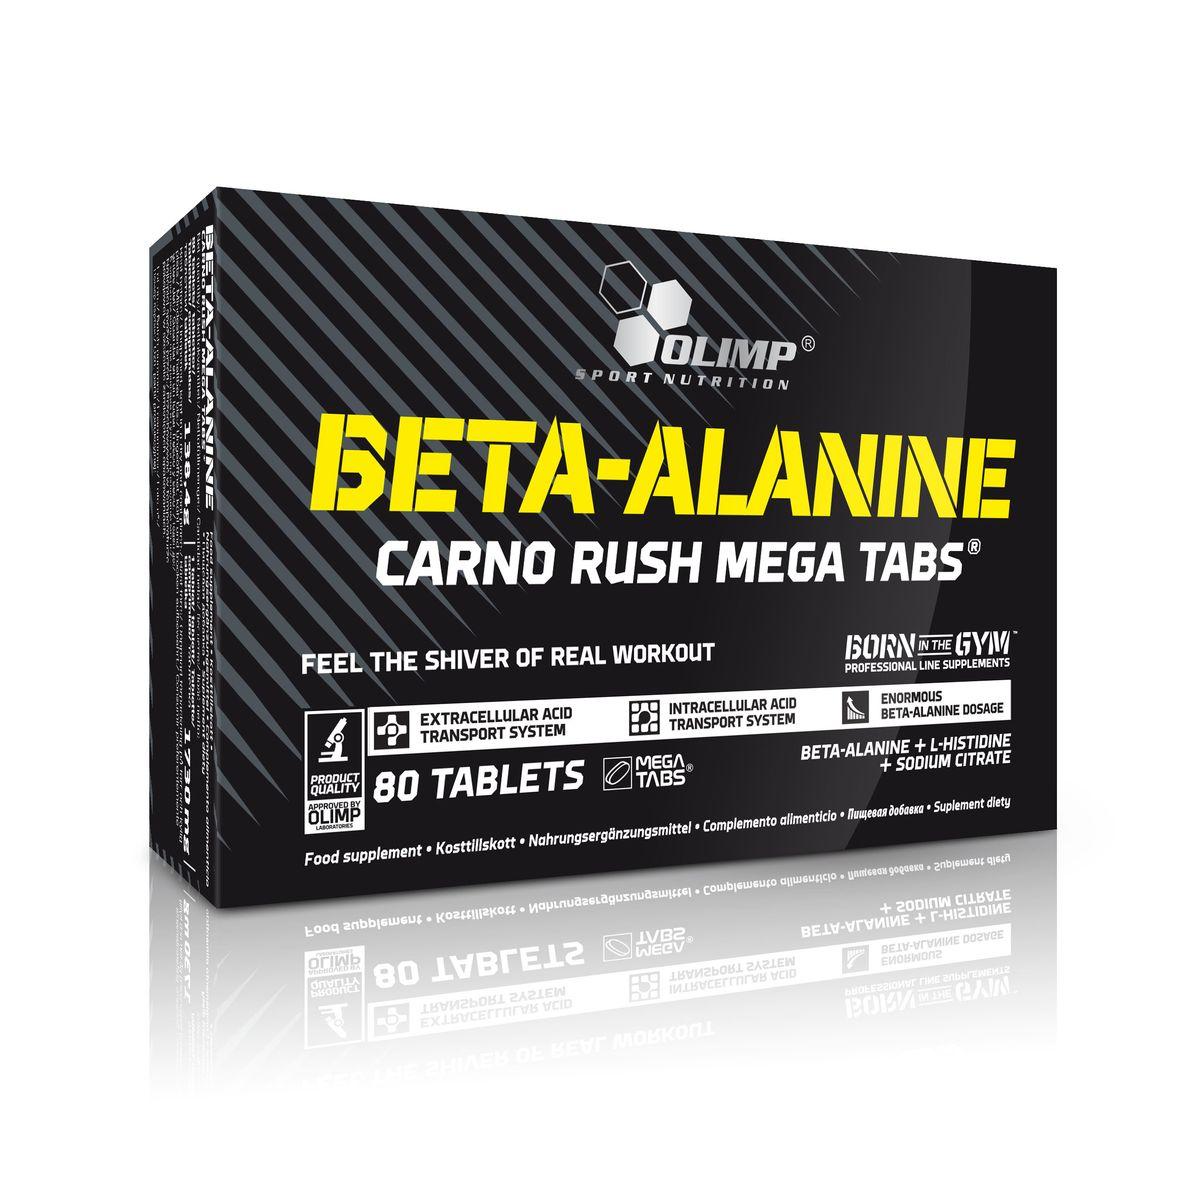 OLIMP Бэта Аланин Карно Раш Мега Табс, 80 табO40719Beta-Alanine при регулярном приеме повышает уровень карнозина. Увеличение карнозина позволяет мышцам работать интенсивнее. При этом, увеличение мышечной выносливости происходит без изменения гормонального фона. Карнозин повышает анаэробный порог, что хорошо сказывается не только на тренировках в зале, но и на спринтерской дорожке. Beta-Alanine также является антиоксидантом. Olimp Beta-Alanine Carno Rush содежит 4г бета-аланина на порцию и транспортную матрицу которая позволит быстро и без потерь преодолевать желудочный барьер. Рекомендации по применению: Принимайте по 2-4 капсулы перед тренировкой.